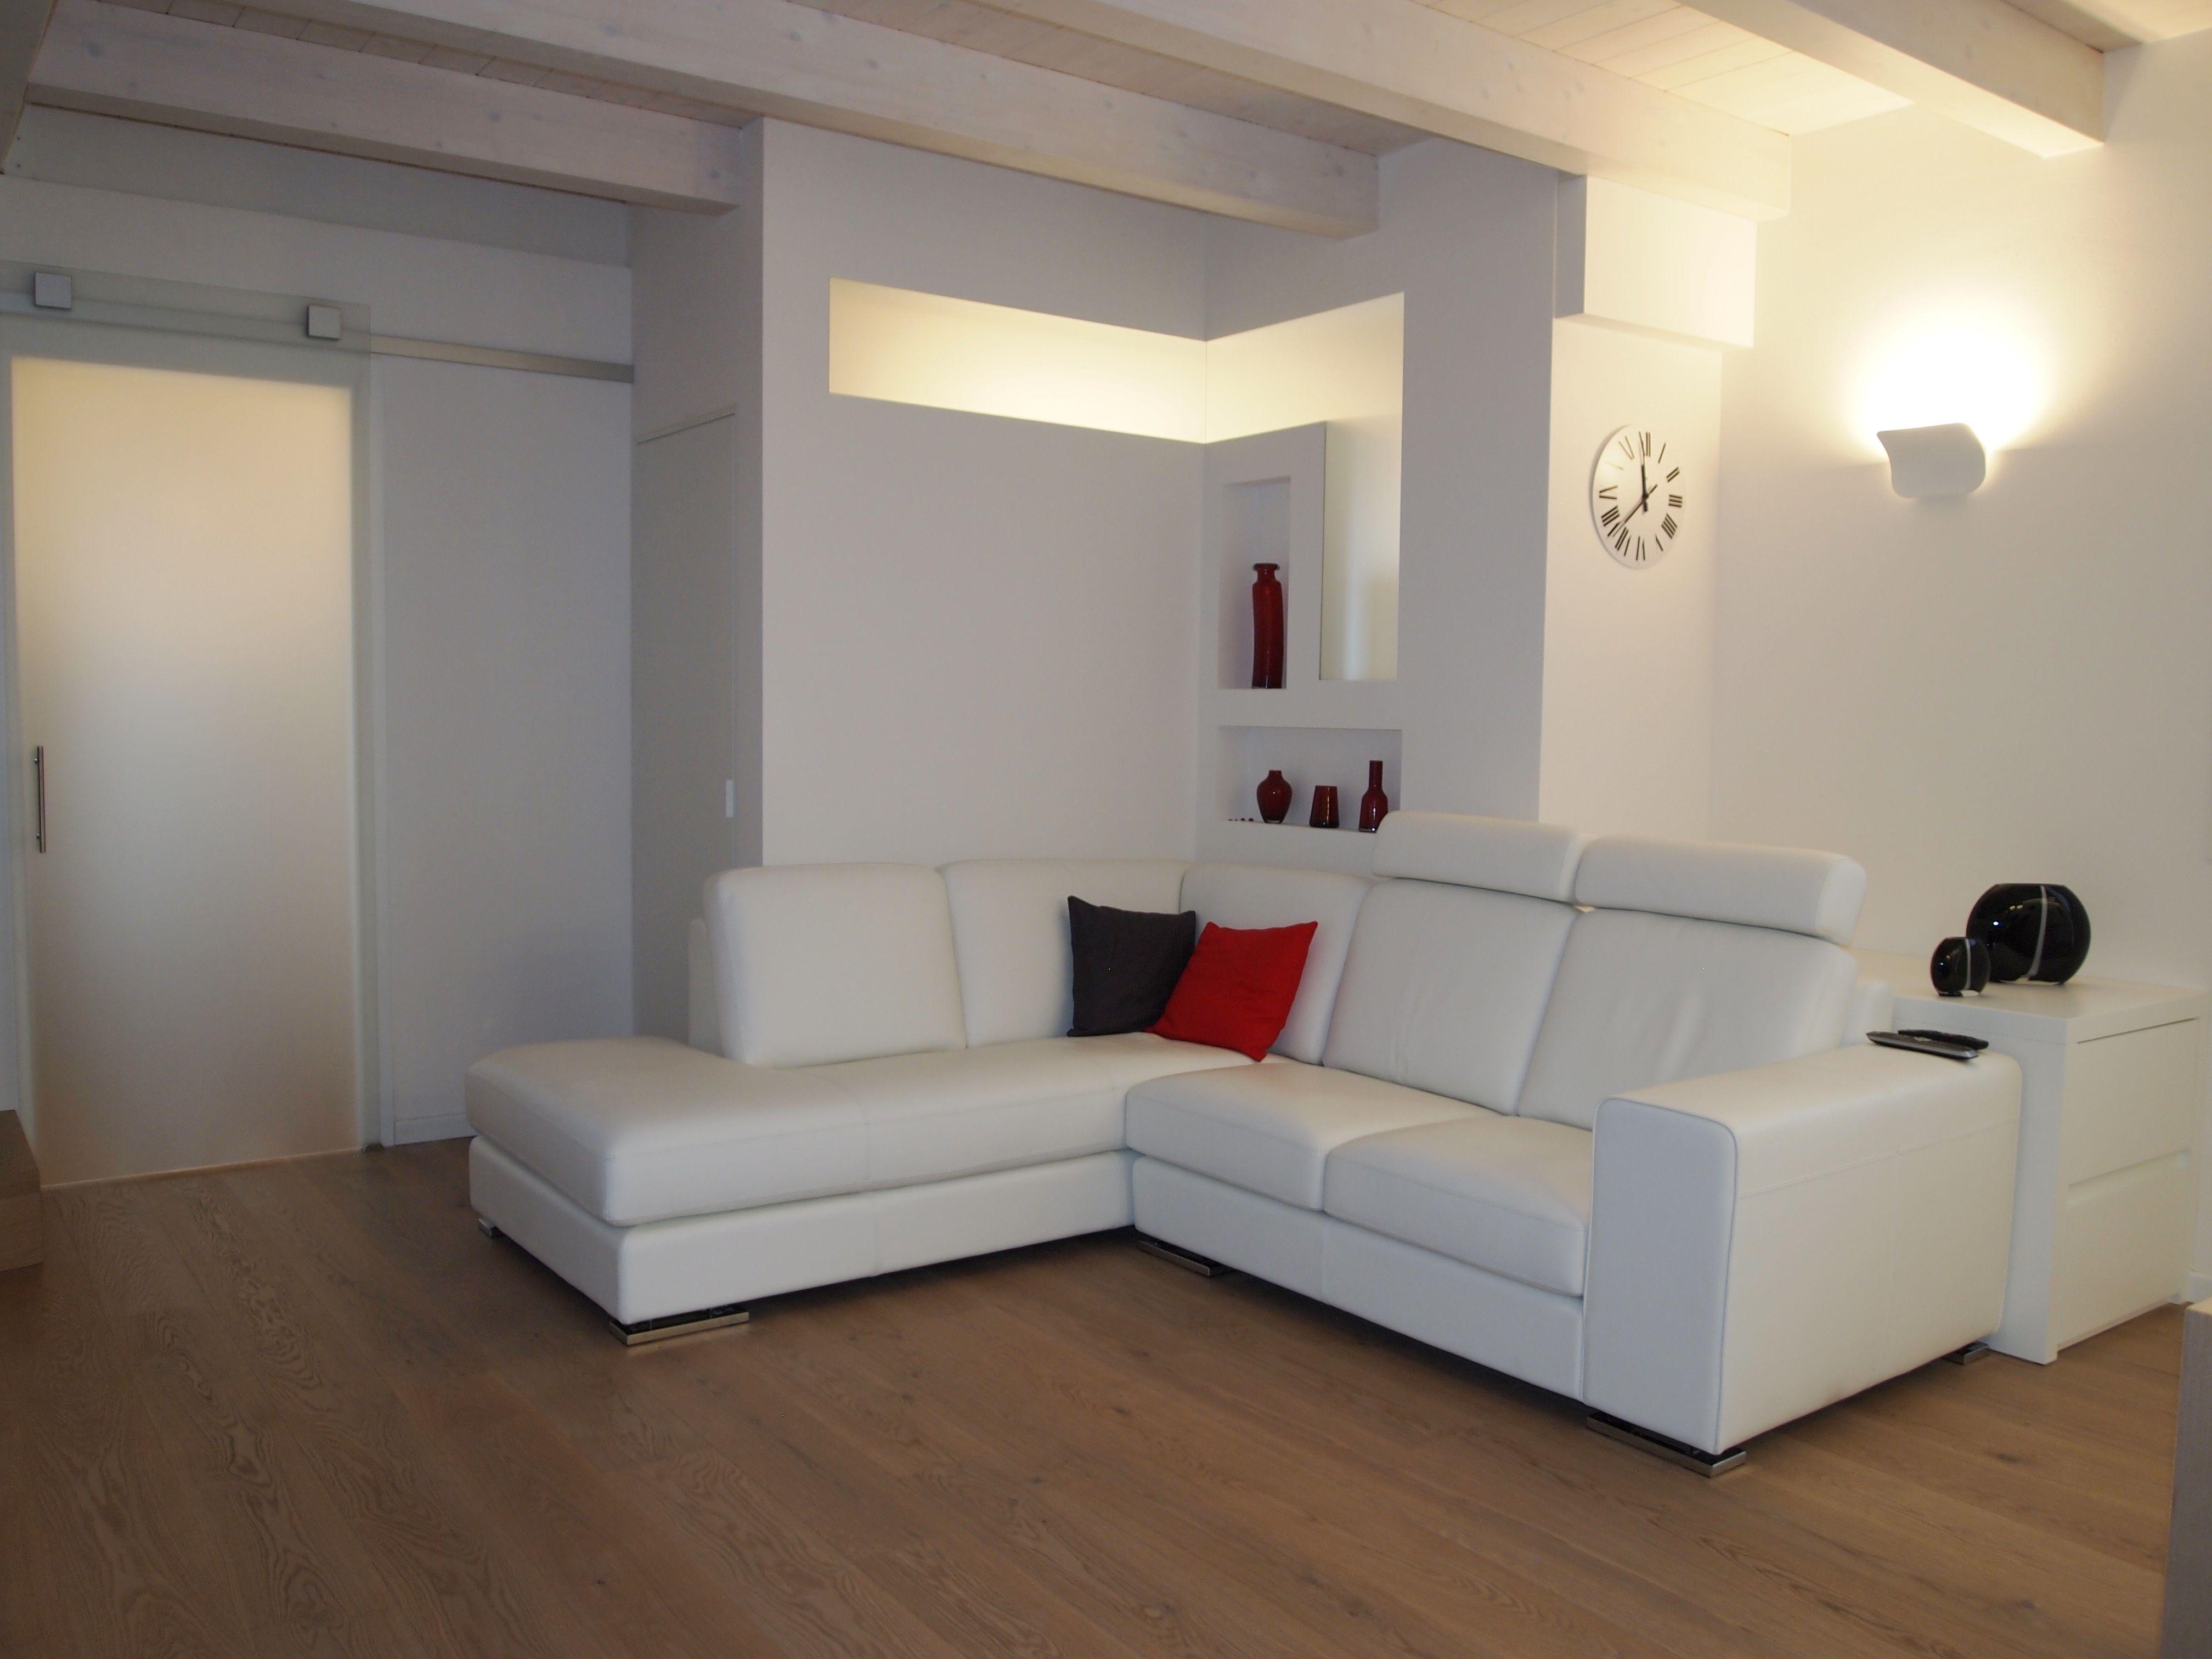 Illuminazione bagno design - Luci soggiorno moderno ...